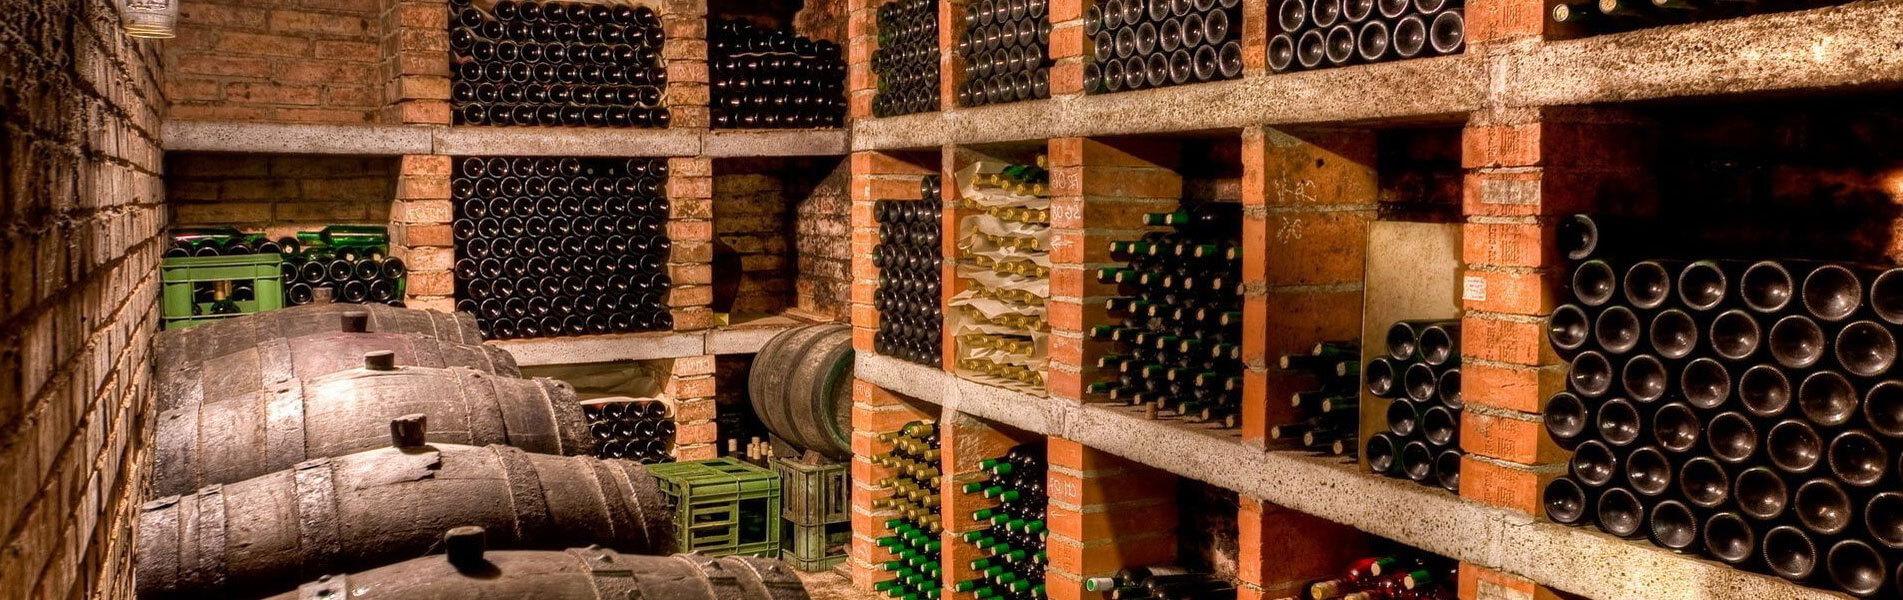 Vinolioub - Vins de niche francais